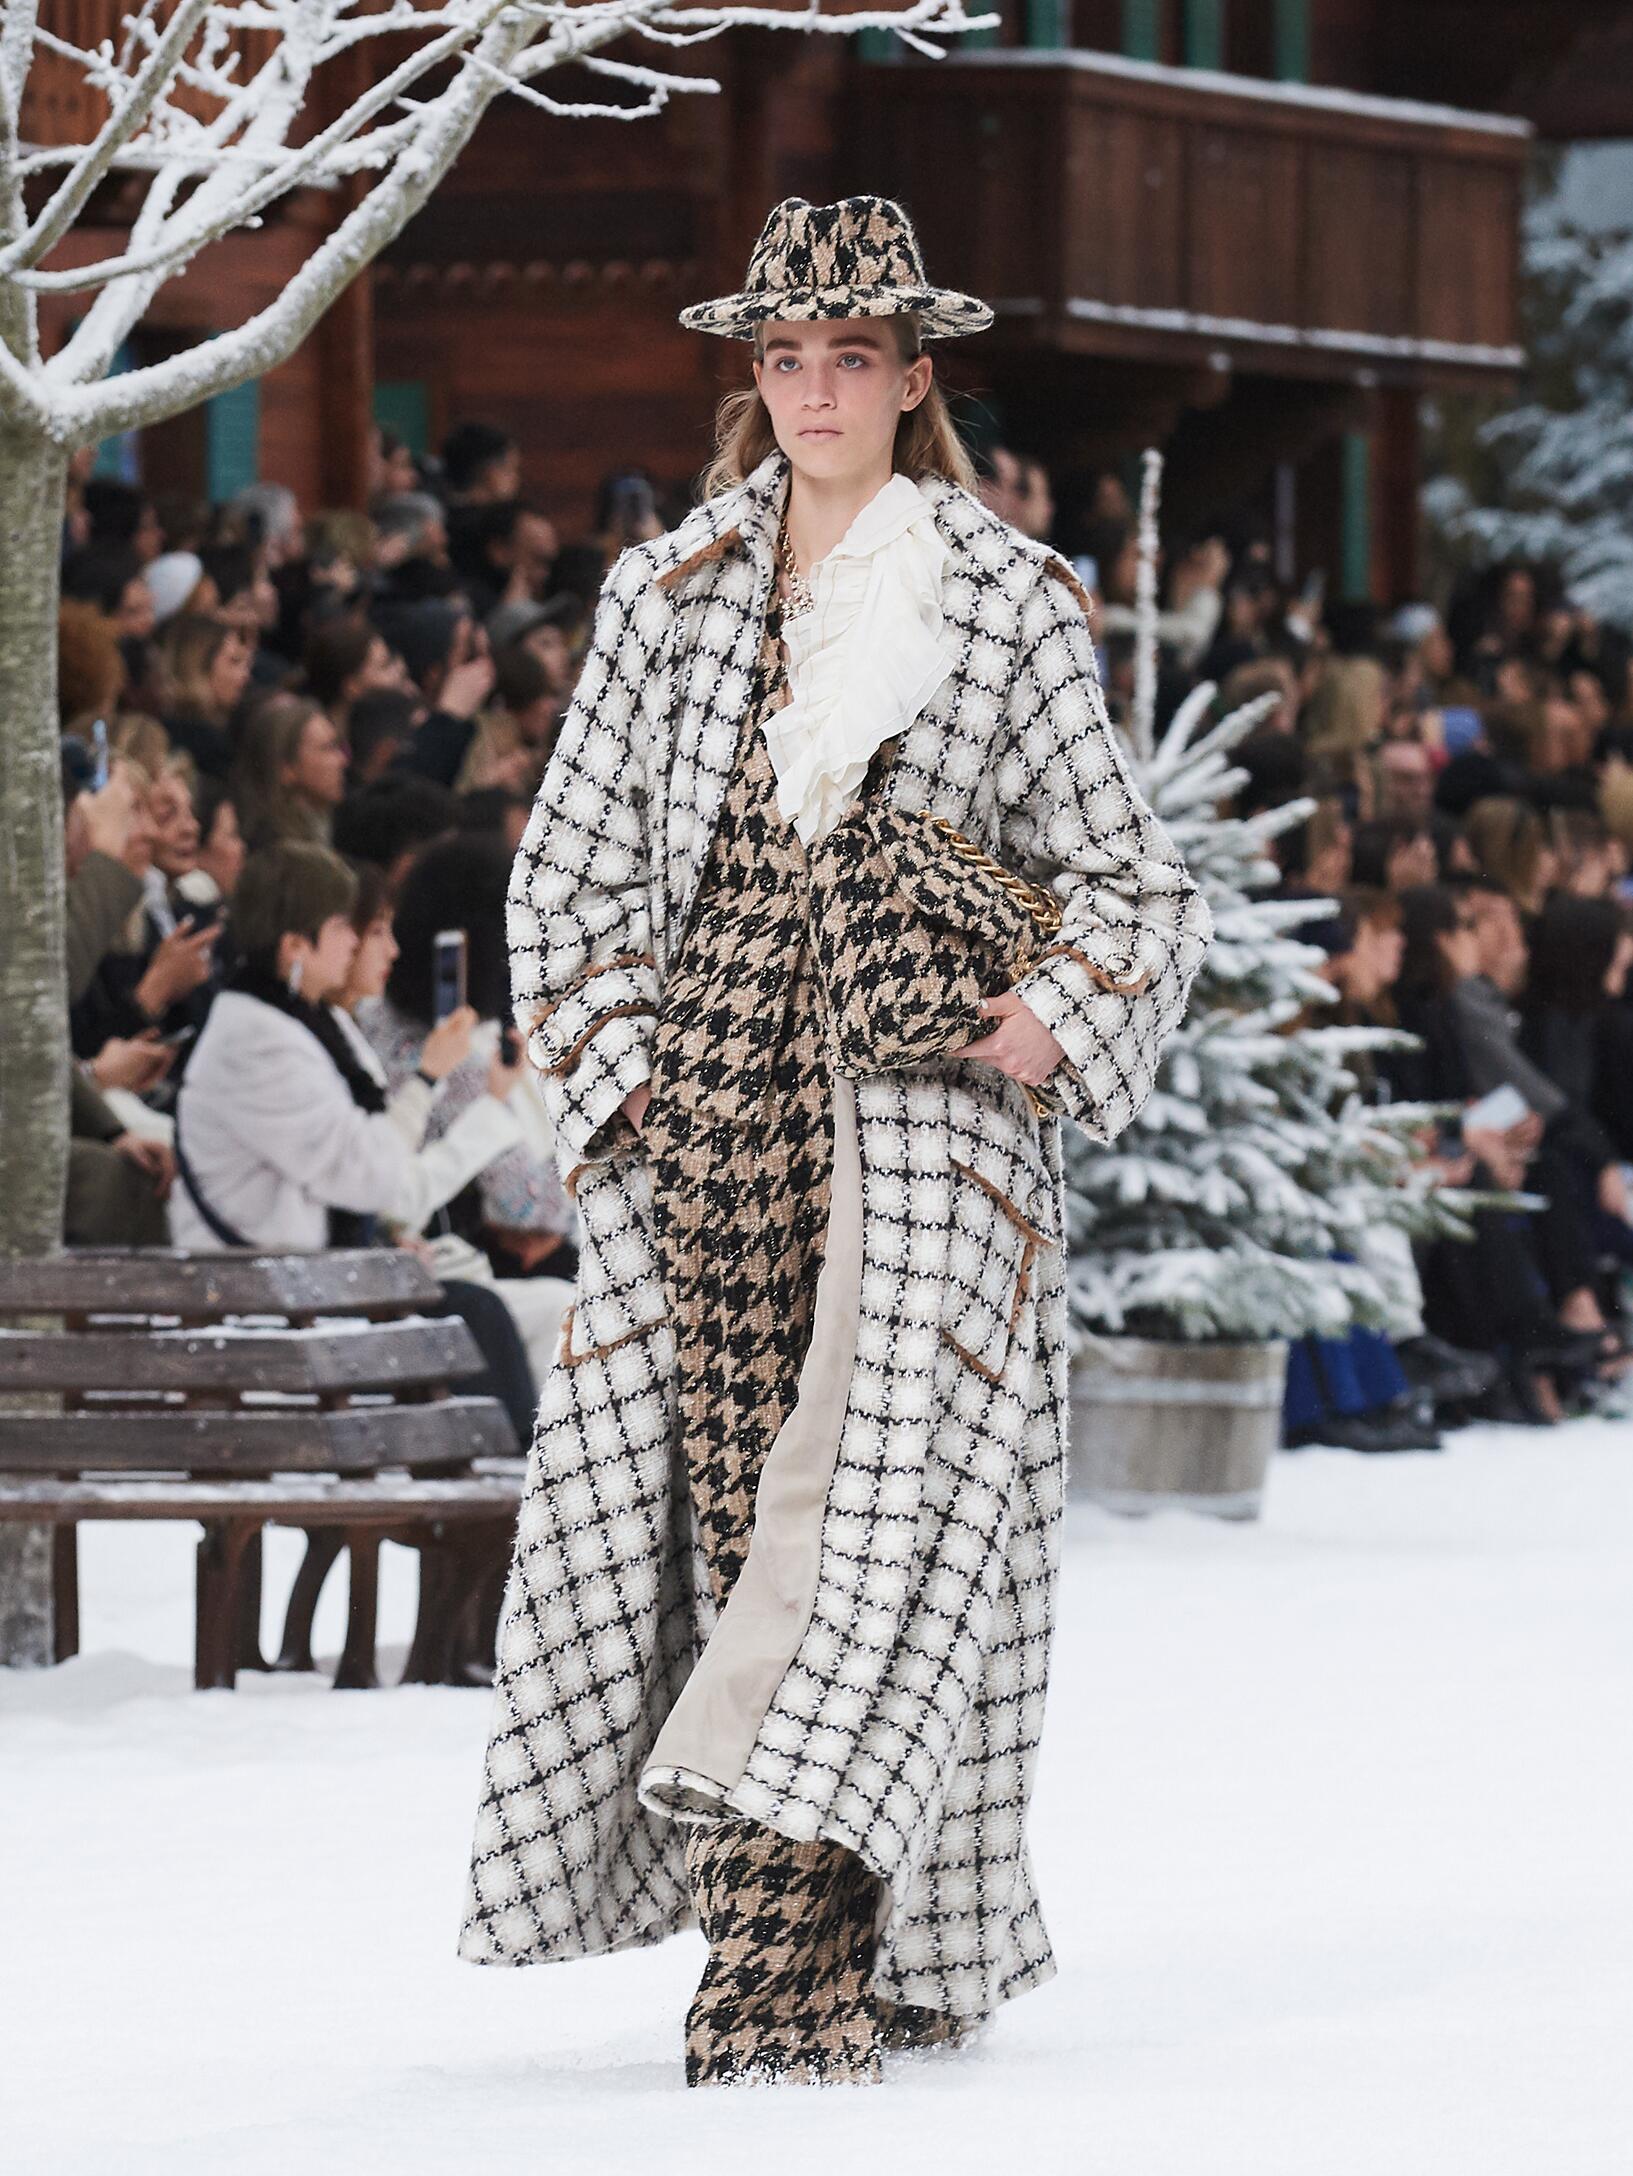 FW 2019-20 Chanel Fashion Show